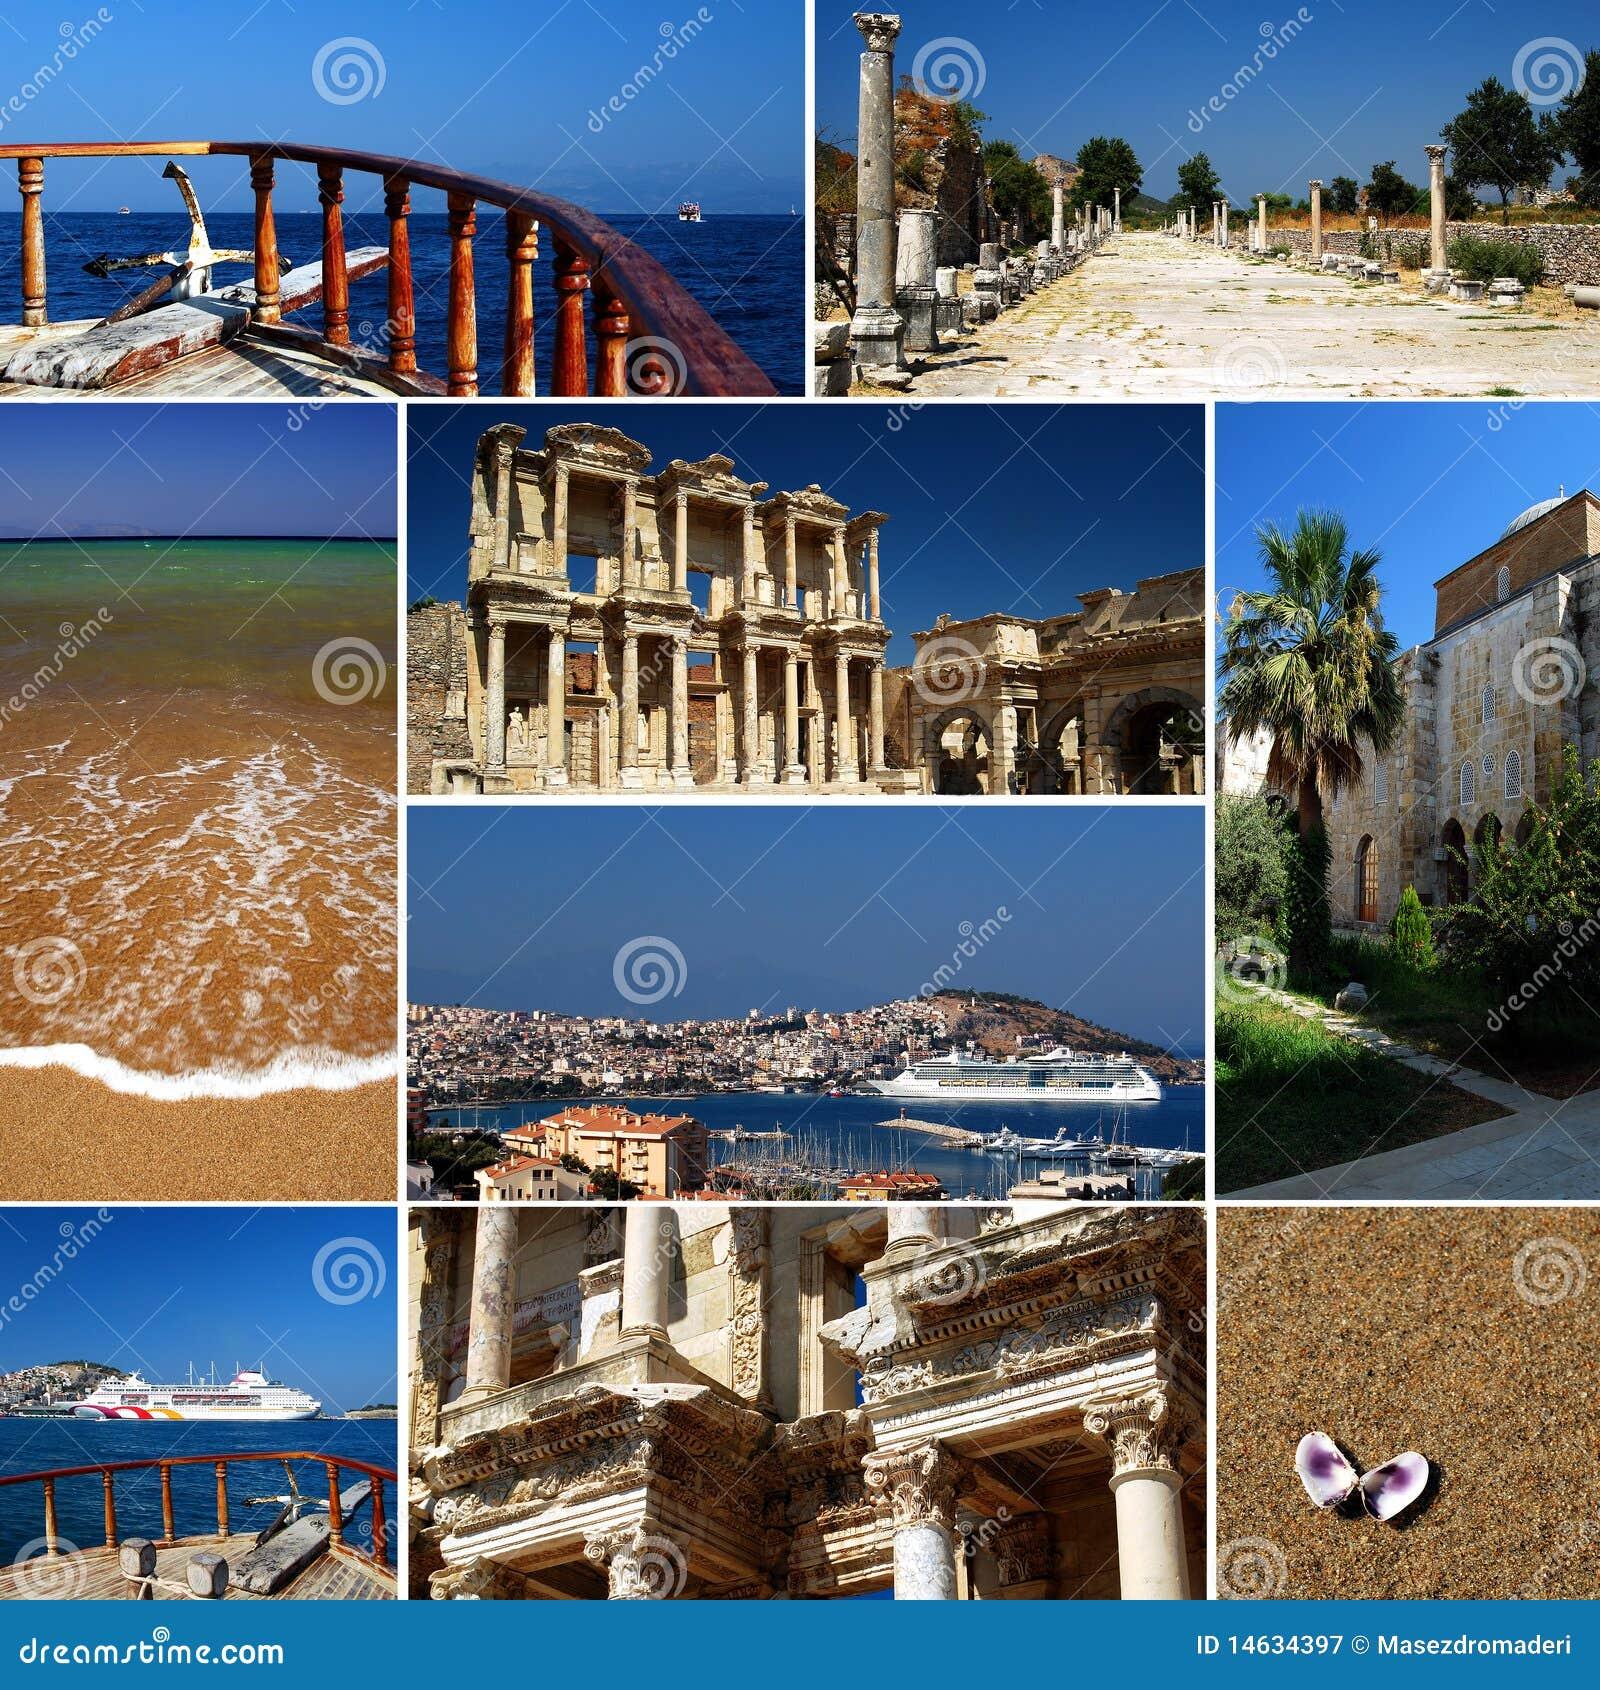 Riviera turca - collage del turismo